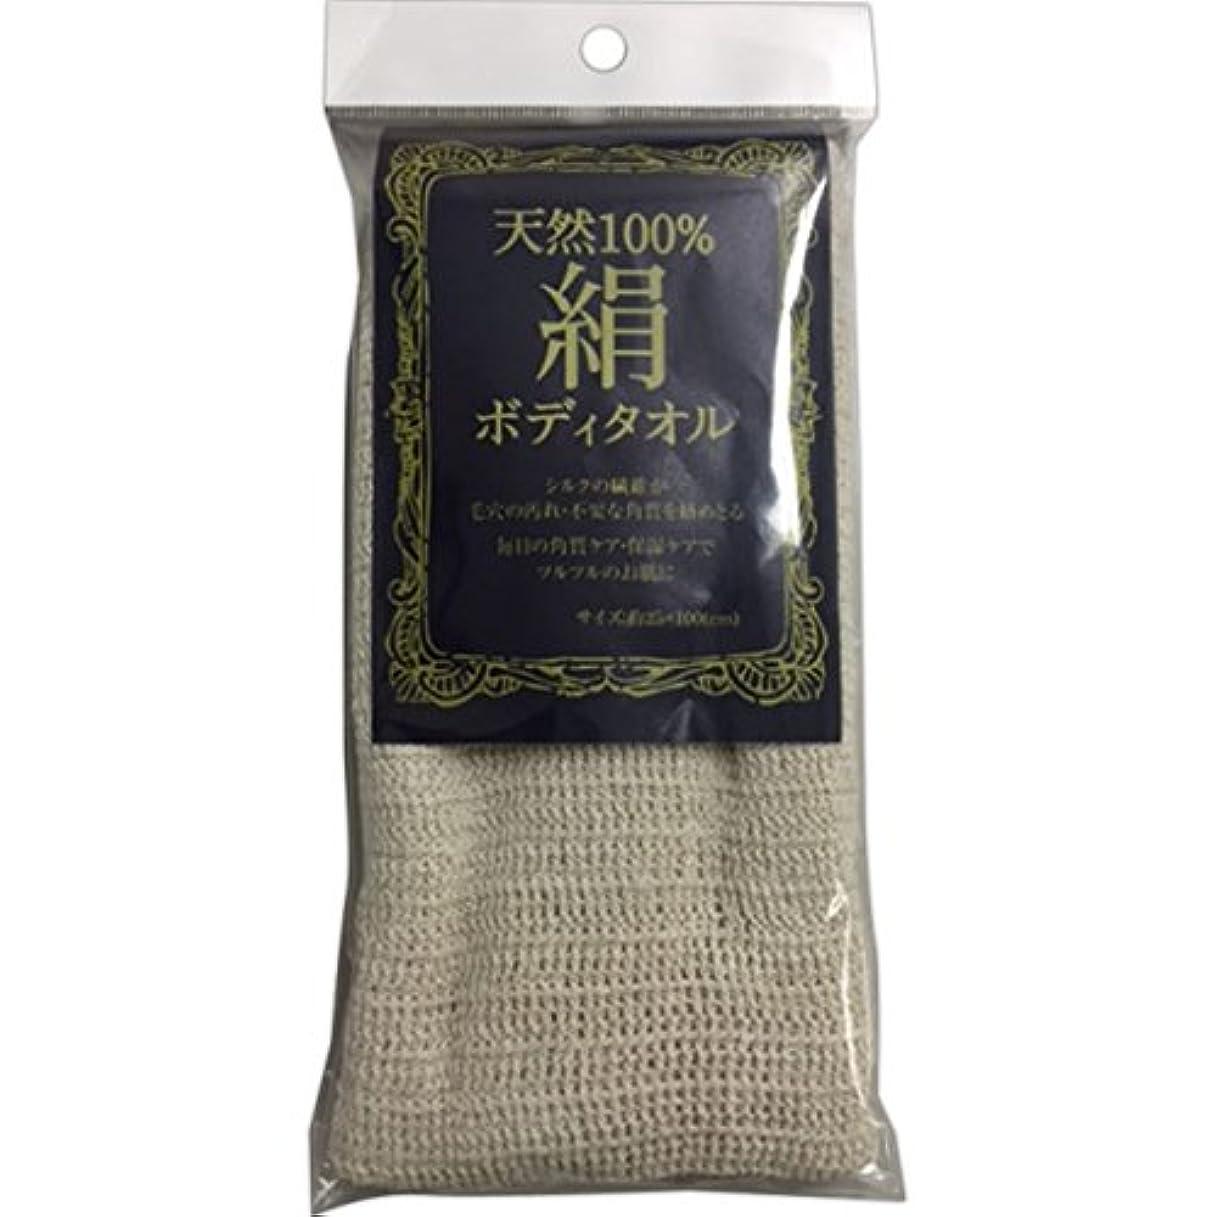 一貫性のない第ボーナス天然絹100% ボディタオル1枚(生成り)